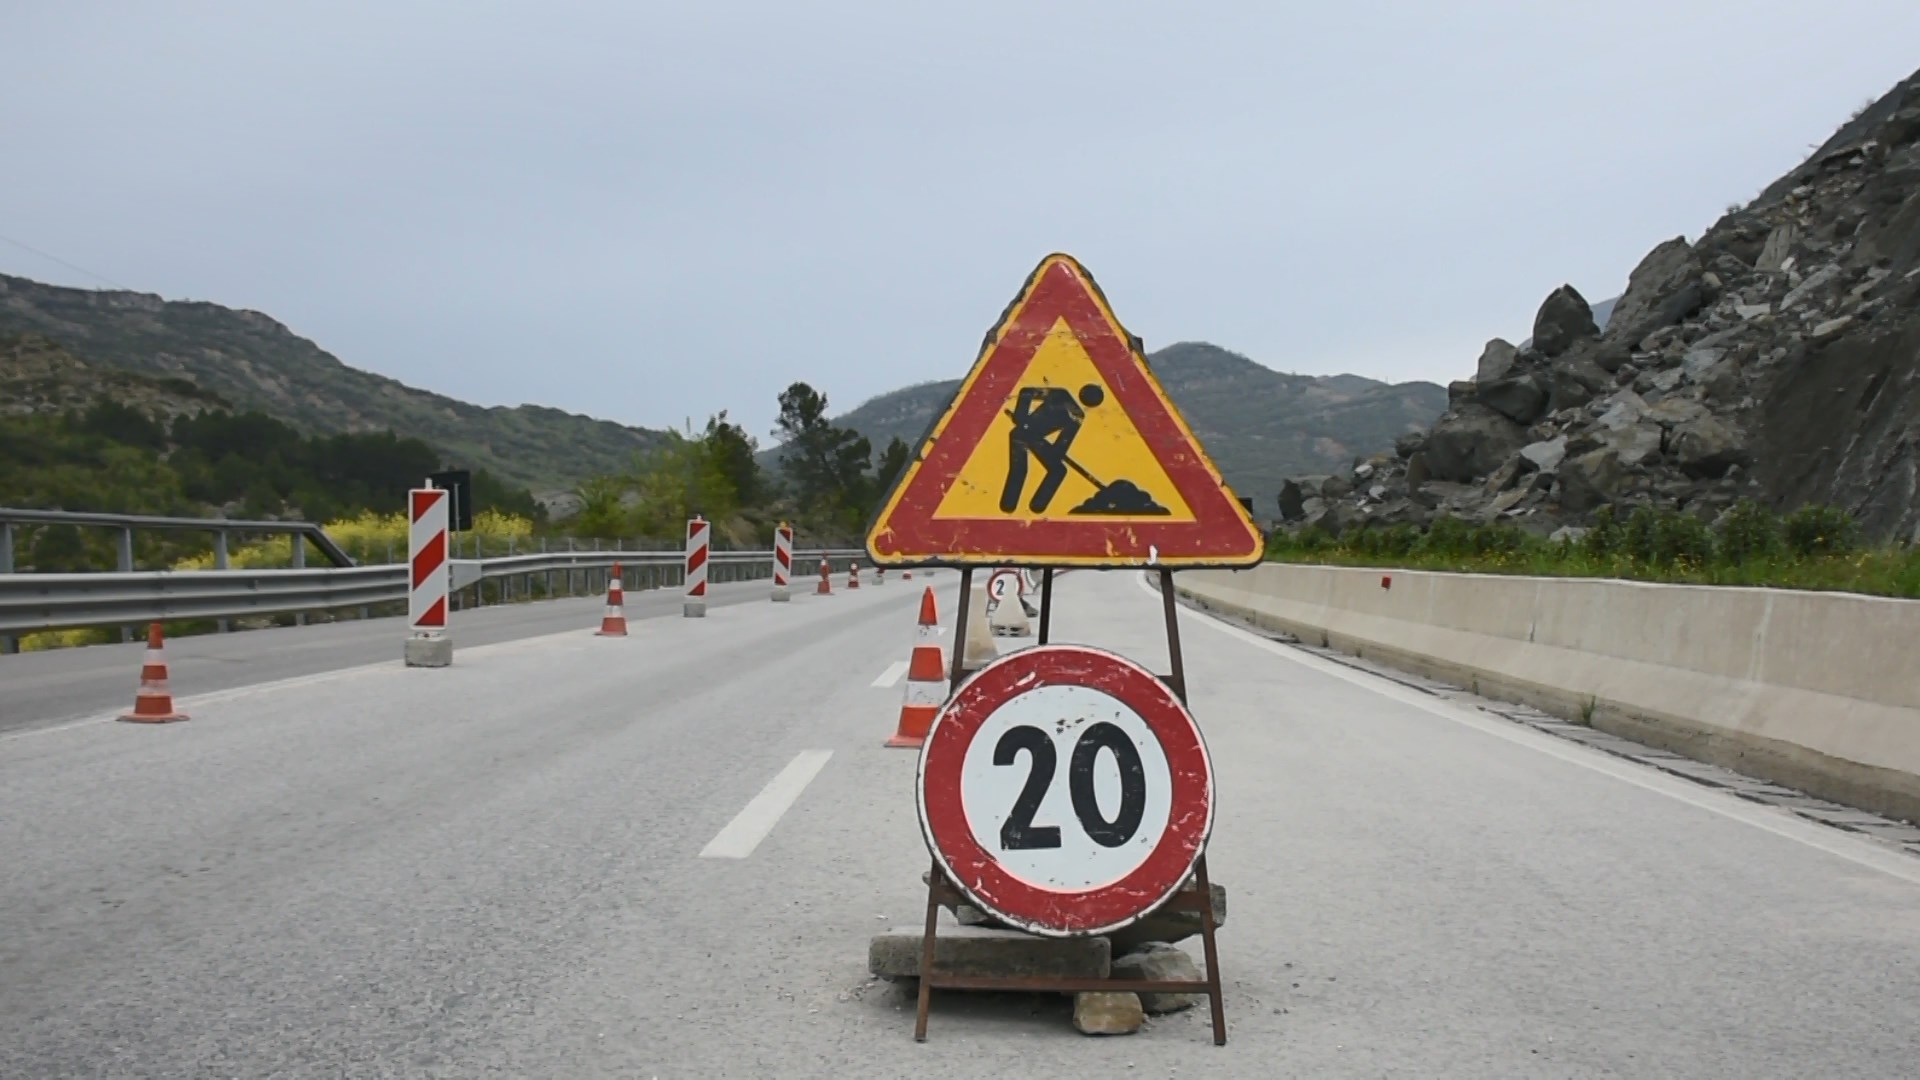 Gjiknuri: 138 mln dollarë që të përfundojë autostrada Tiranë-Elbasan